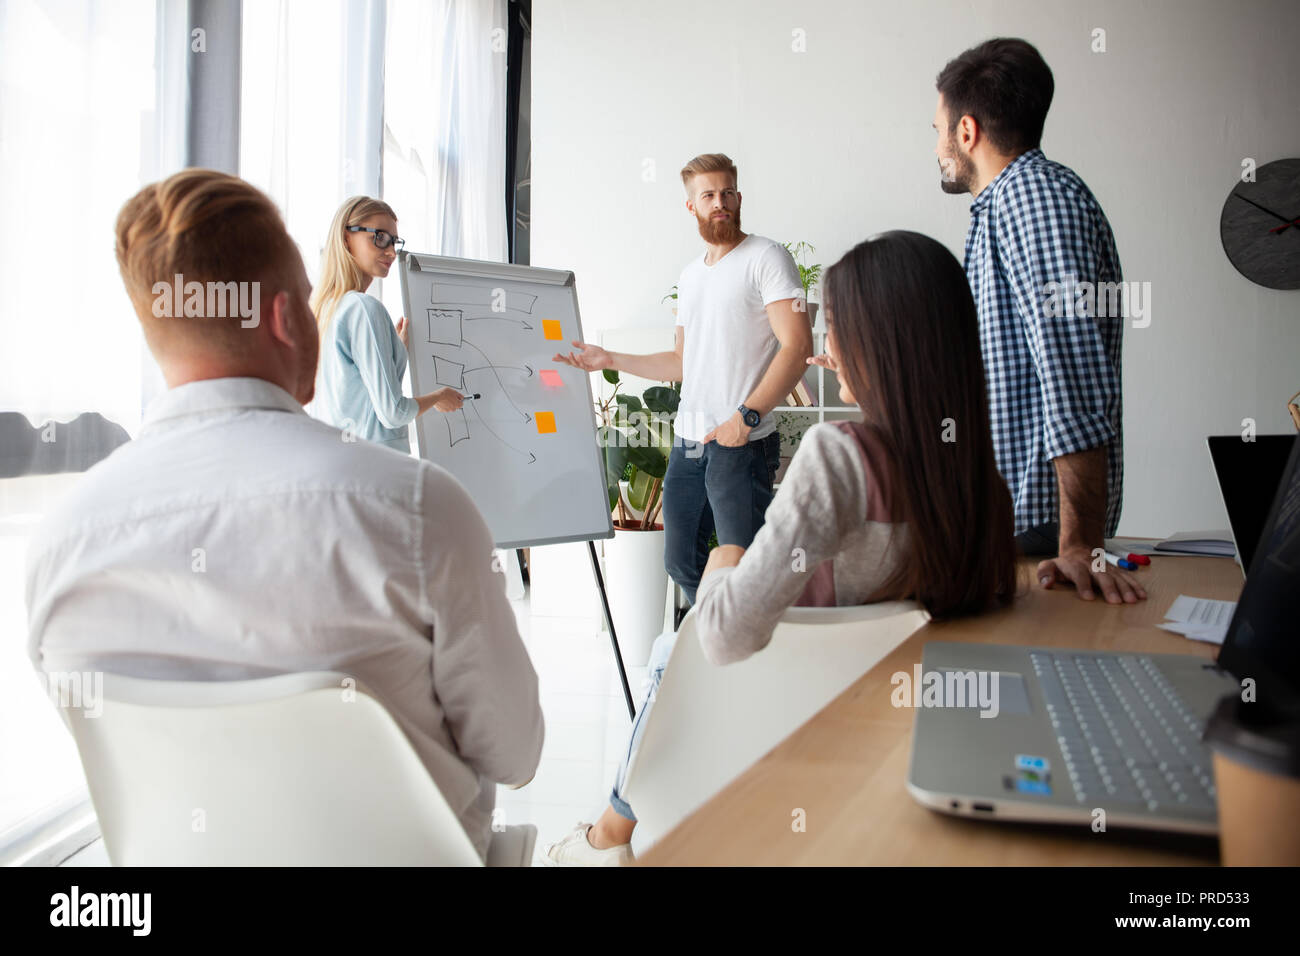 L'élaboration de nouvelle stratégie. Deux jeunes collègues effectuant présentation tout en travaillant avec leur équipe d'affaires dans le bureau. Photo Stock